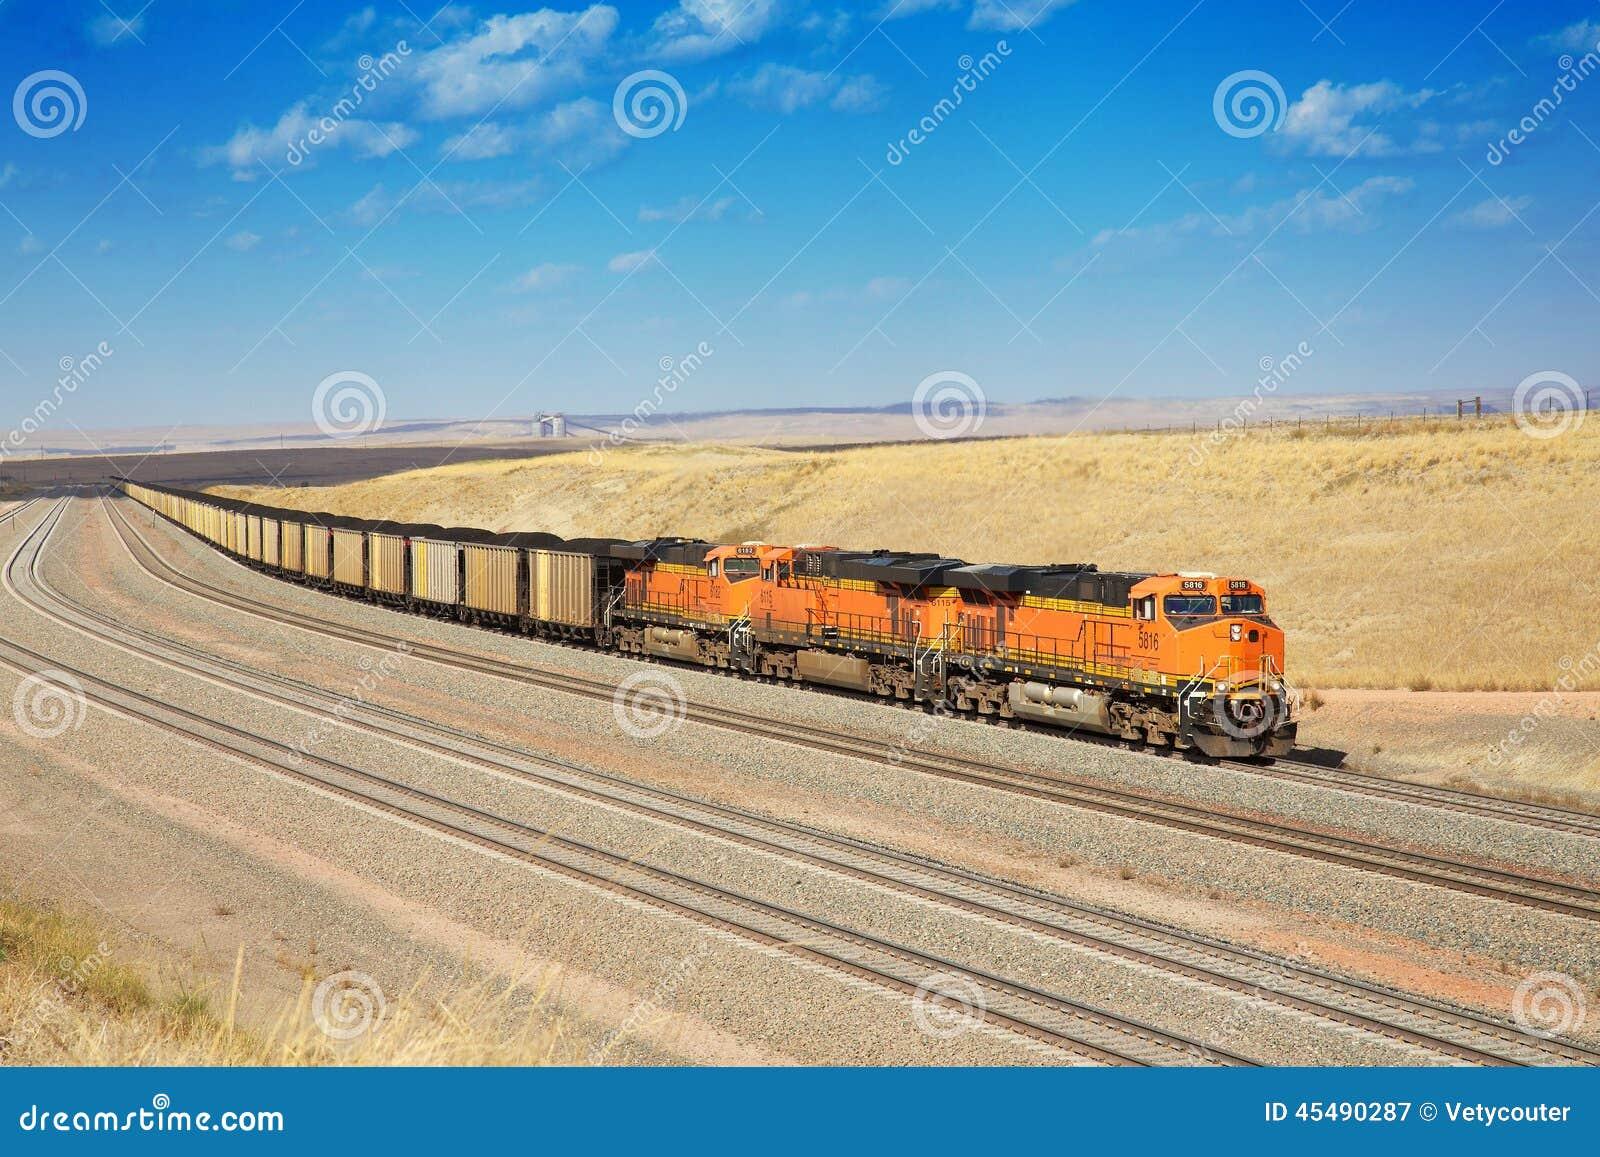 柴油火车运输煤炭